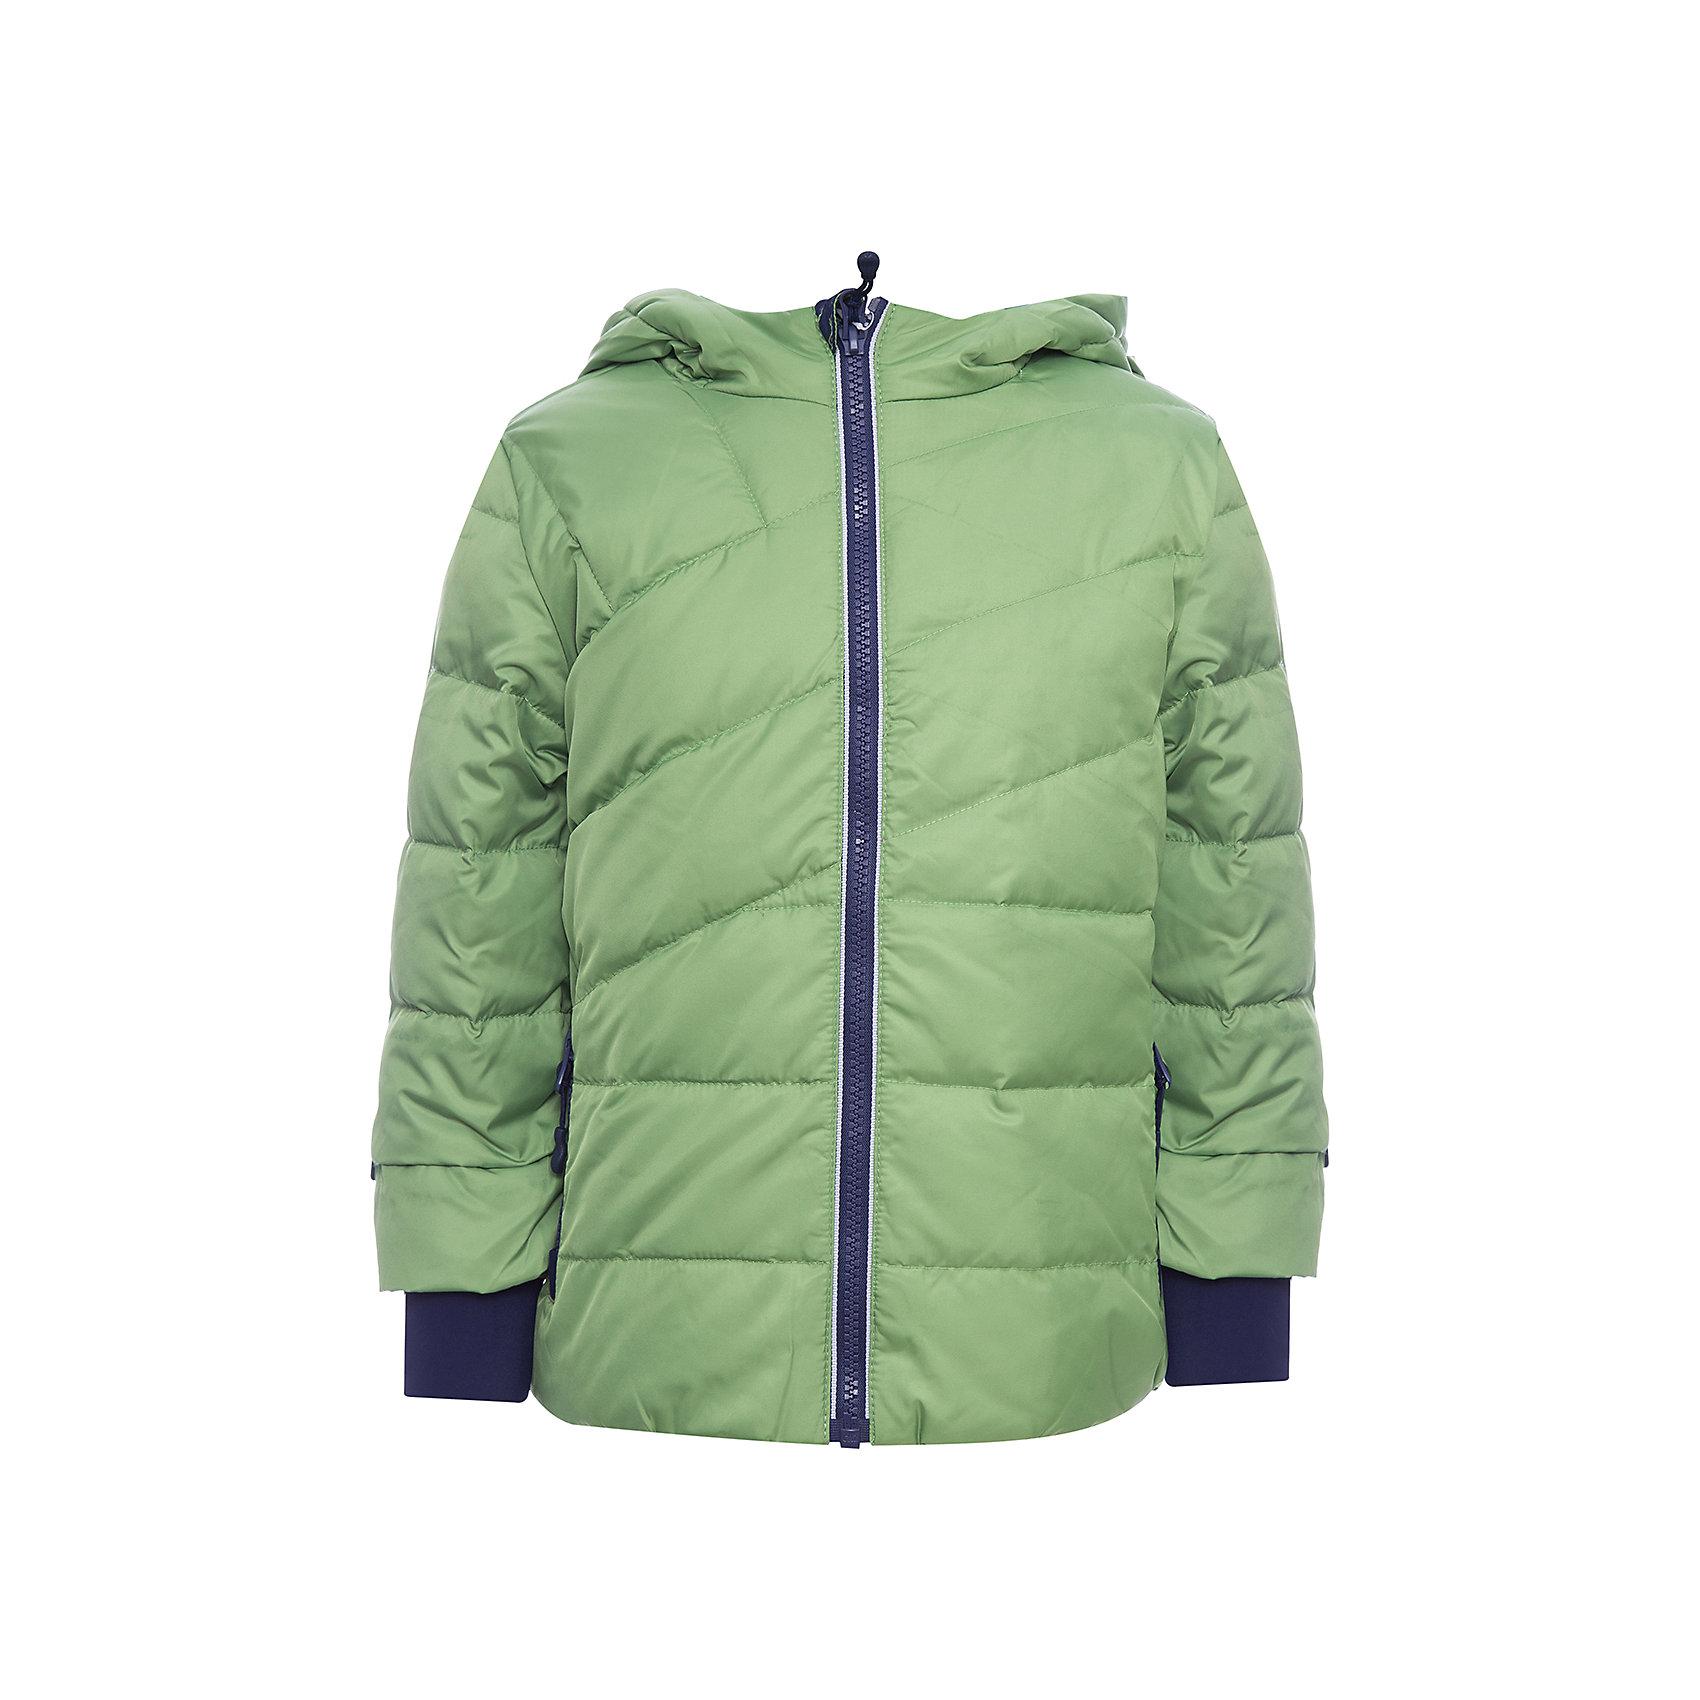 Куртка PlayToday для мальчикаВерхняя одежда<br>Куртка PlayToday для мальчика<br>Теплая куртка - пуховик - отличное решение для прогулок в холодную погоду. Куртка на молнии, специальный карман для фиксации бегунка не позволит застежкетравмировать нежную детскую кожу. Подкладка из мягкого флиса. Модель с высоким содержанием пуха, дополнена снегозащитной юбкой. Вшивной капюшон дополнен регулируемым шнуром - кулиской.<br>Состав:<br>Верх: 100% полиэстер, Подкладка: 100% полиэстер, Утеплитель: 90% пух, 10% перо, 130 г/м2<br><br>Ширина мм: 356<br>Глубина мм: 10<br>Высота мм: 245<br>Вес г: 519<br>Цвет: белый<br>Возраст от месяцев: 24<br>Возраст до месяцев: 36<br>Пол: Мужской<br>Возраст: Детский<br>Размер: 98,128,122,116,110,104<br>SKU: 7110753